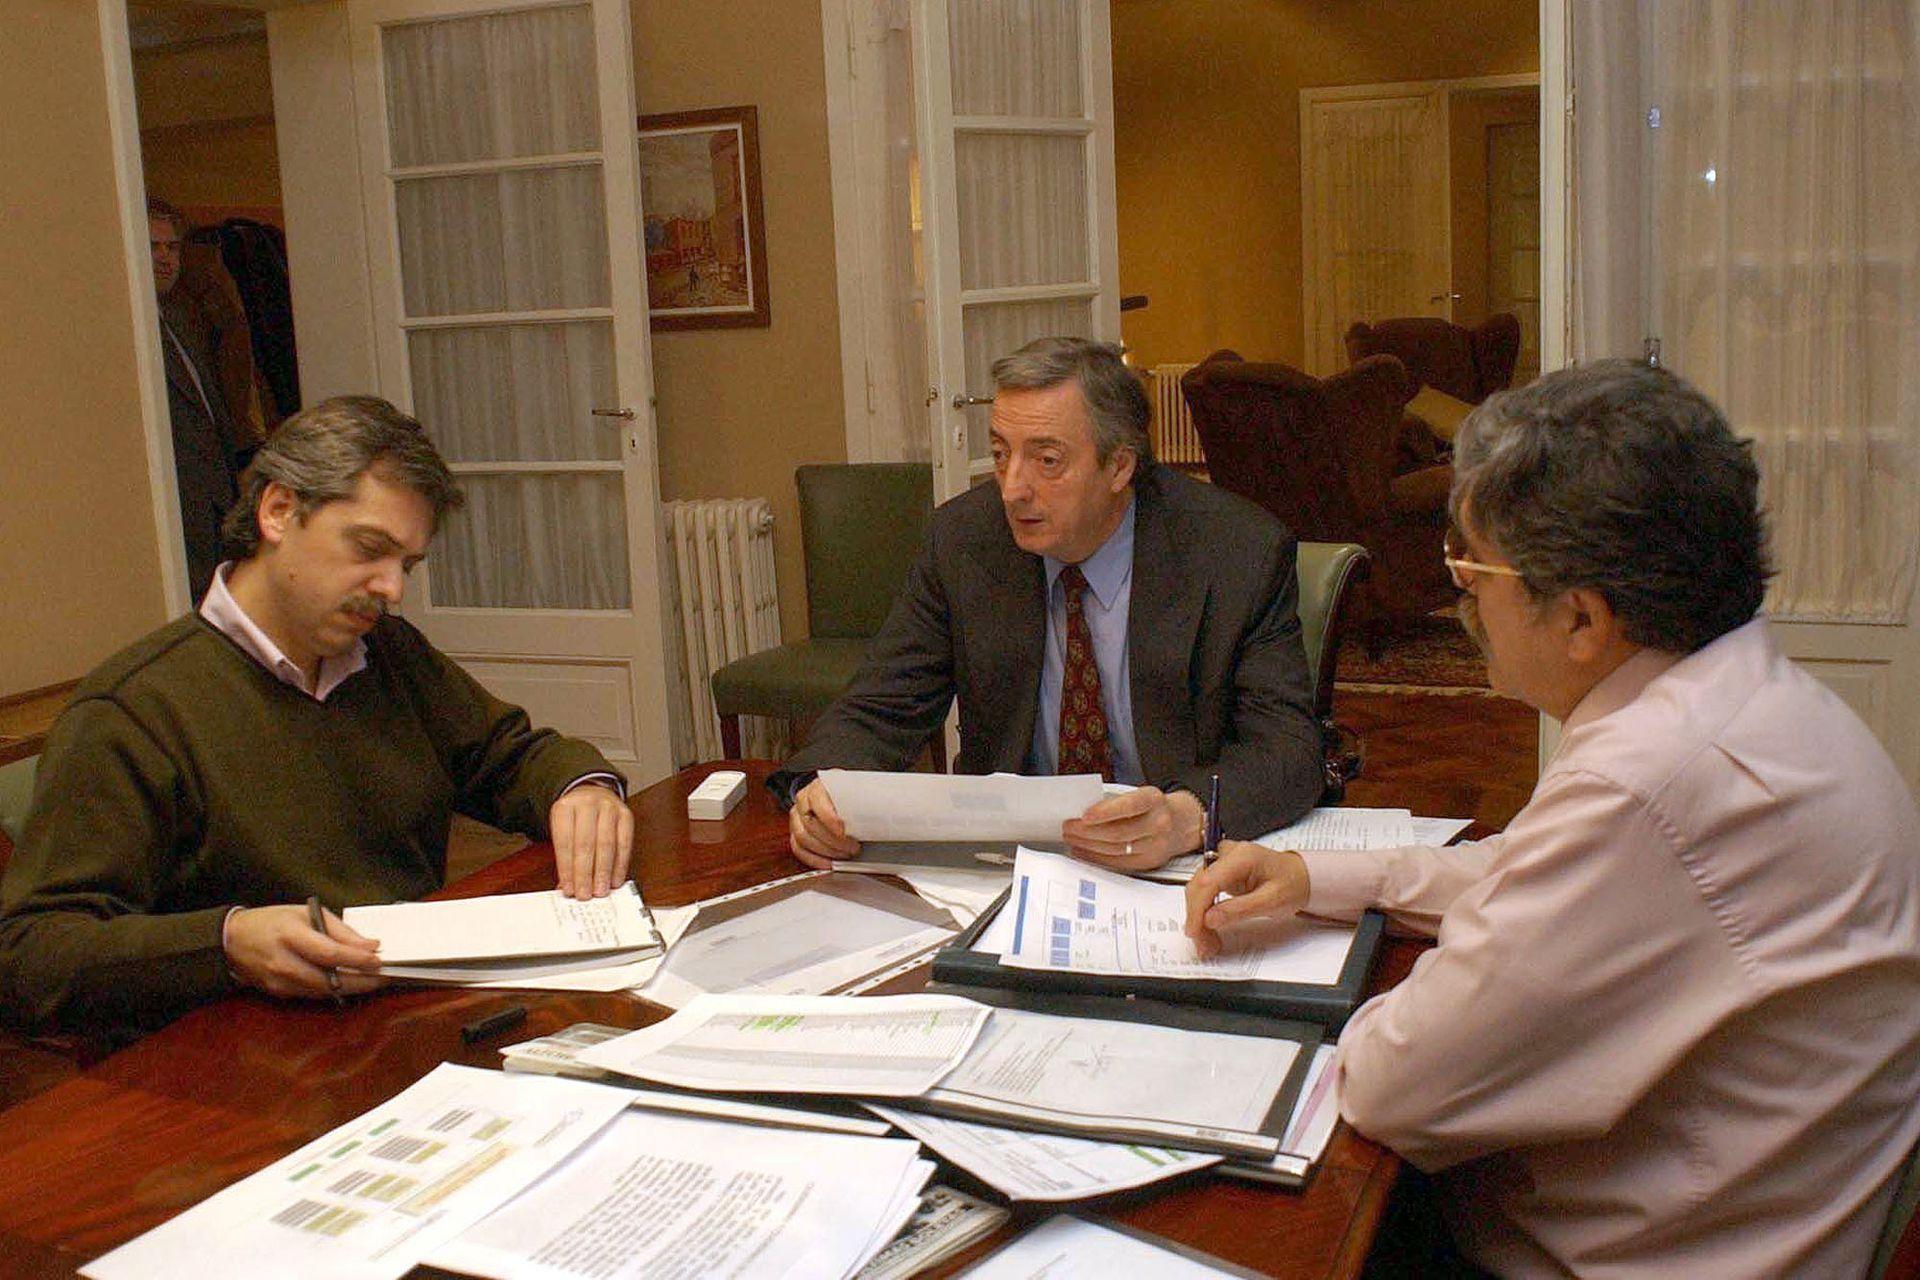 Rio Gallegos, 21 de mayo de 2003. El presidente electo Nestor Kirchner trabaja junto a el jefe de Gabinete Alberto Fernandez y el ministro Julio De Vido